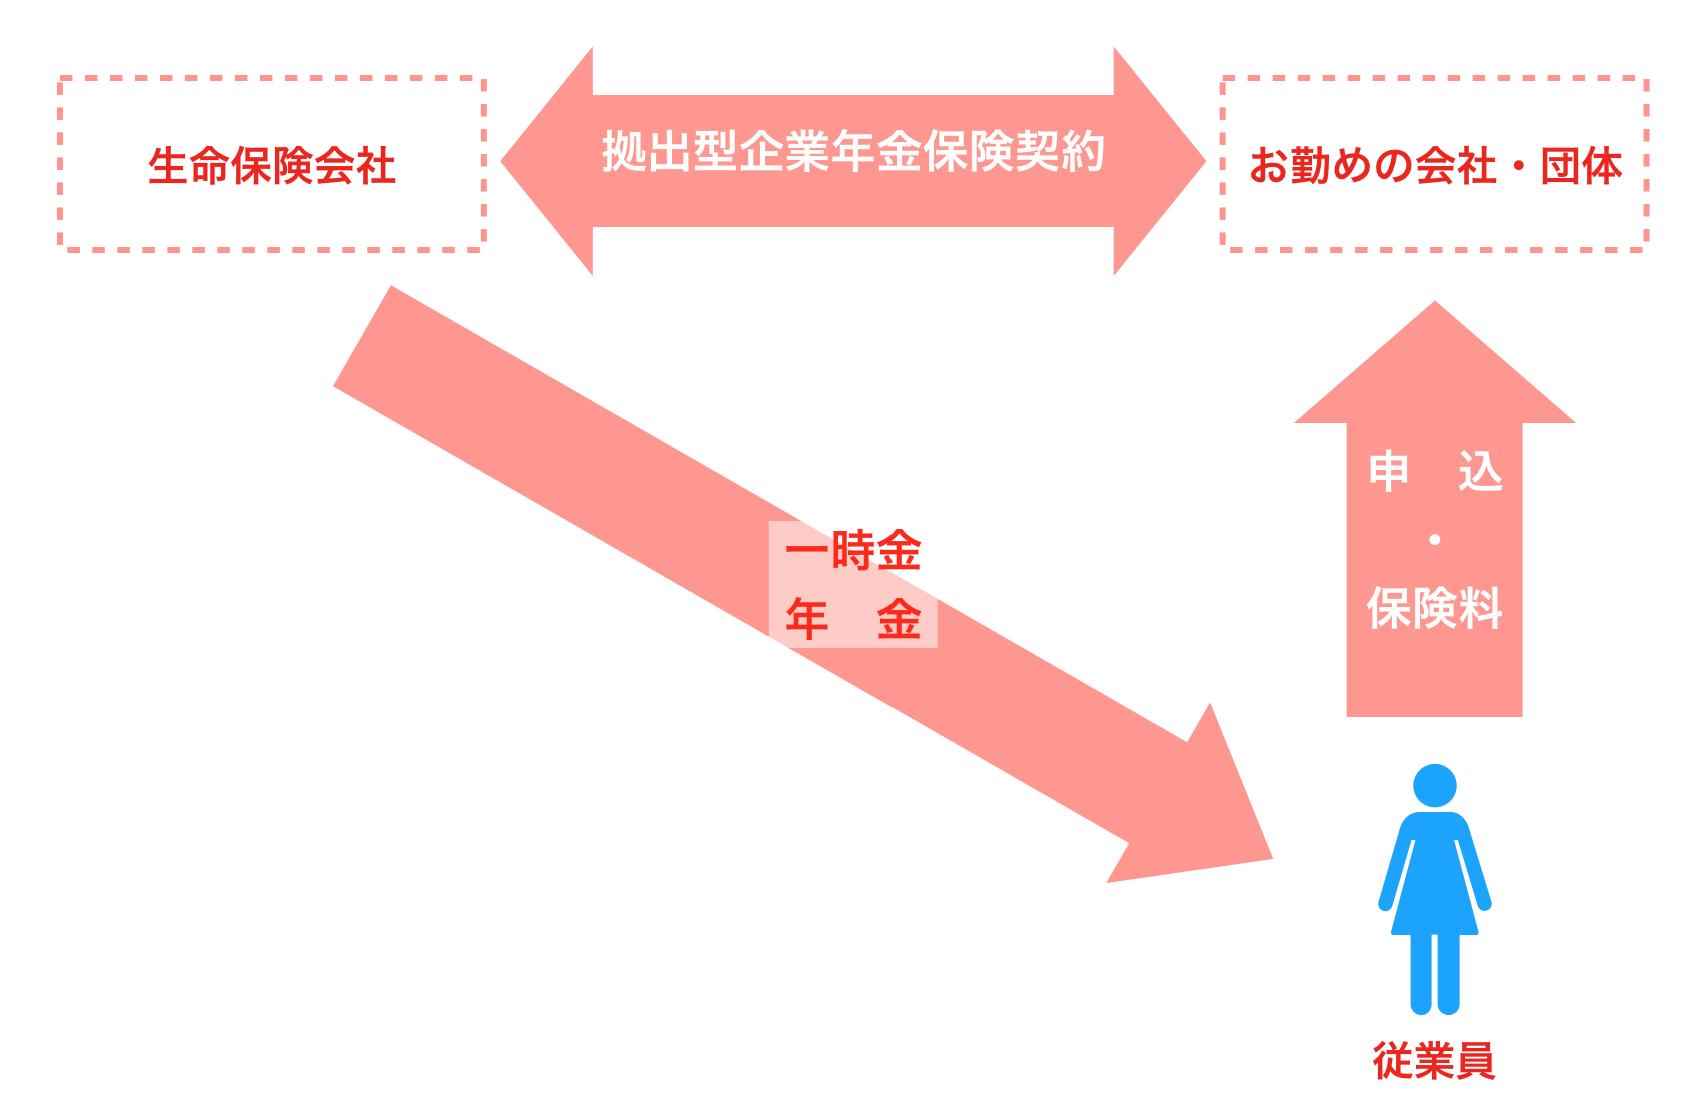 拠出型企業年金保険の概念図